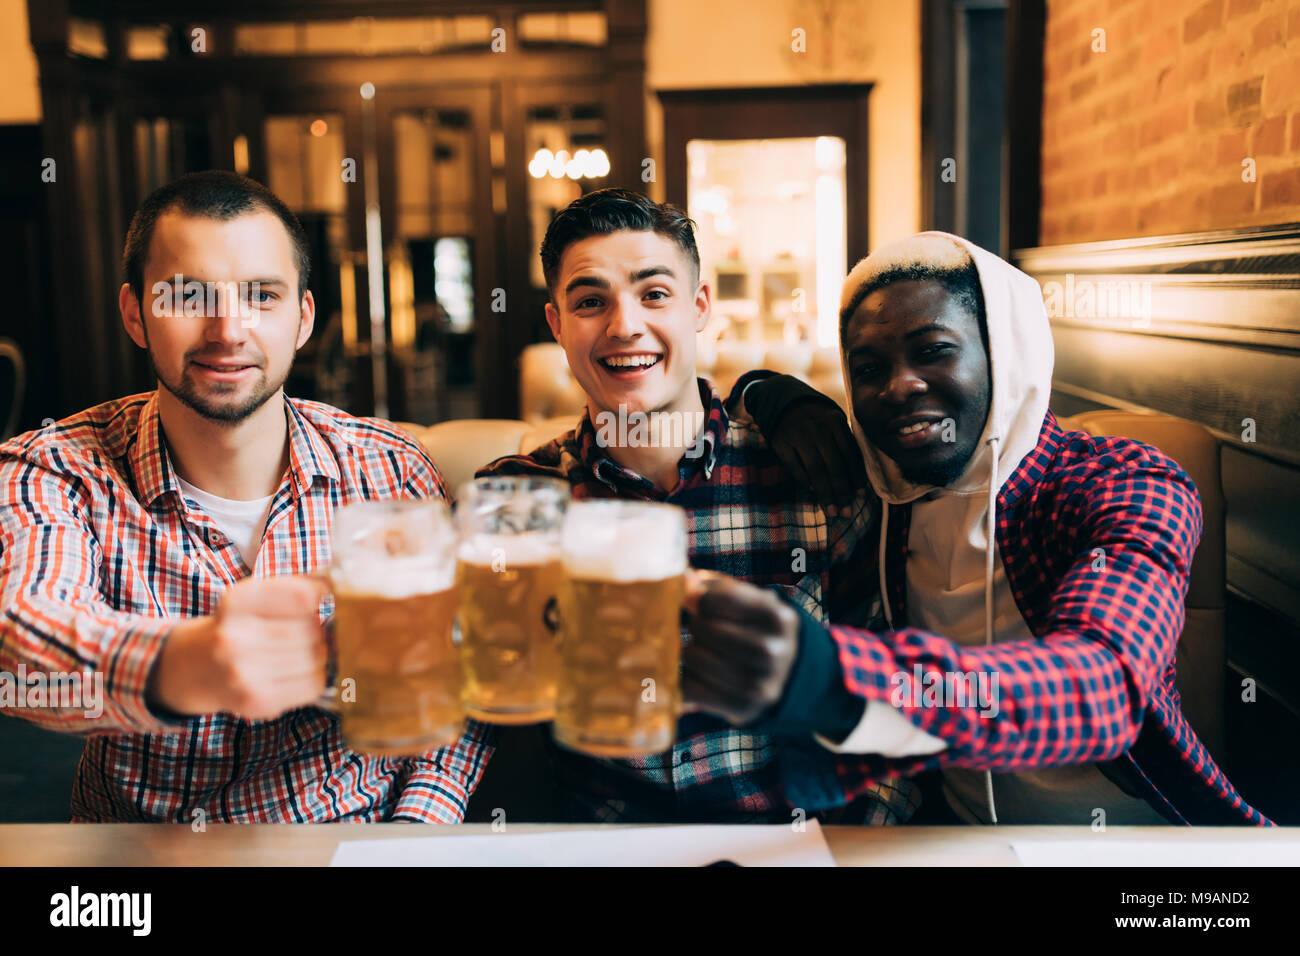 Heureux amis boire une bière et clinking glasses au bar ou au pub Photo Stock